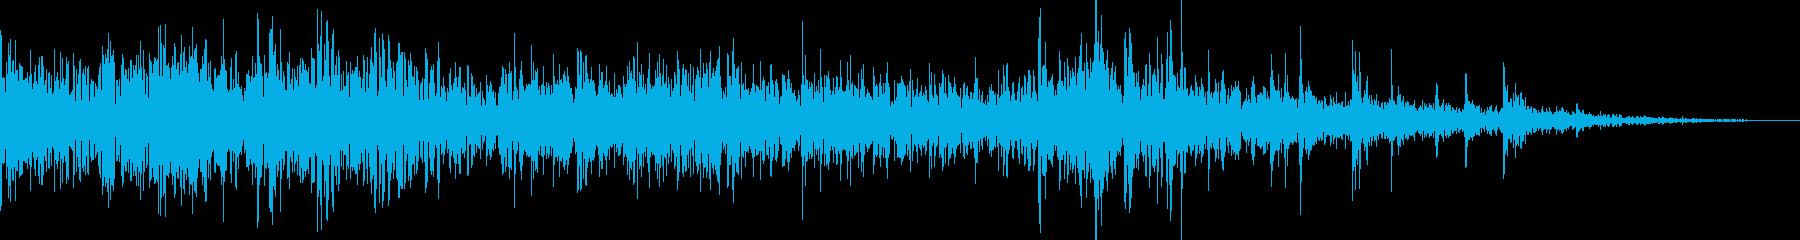 ドンパァ〜!本当にリアルな花火の効果音9の再生済みの波形